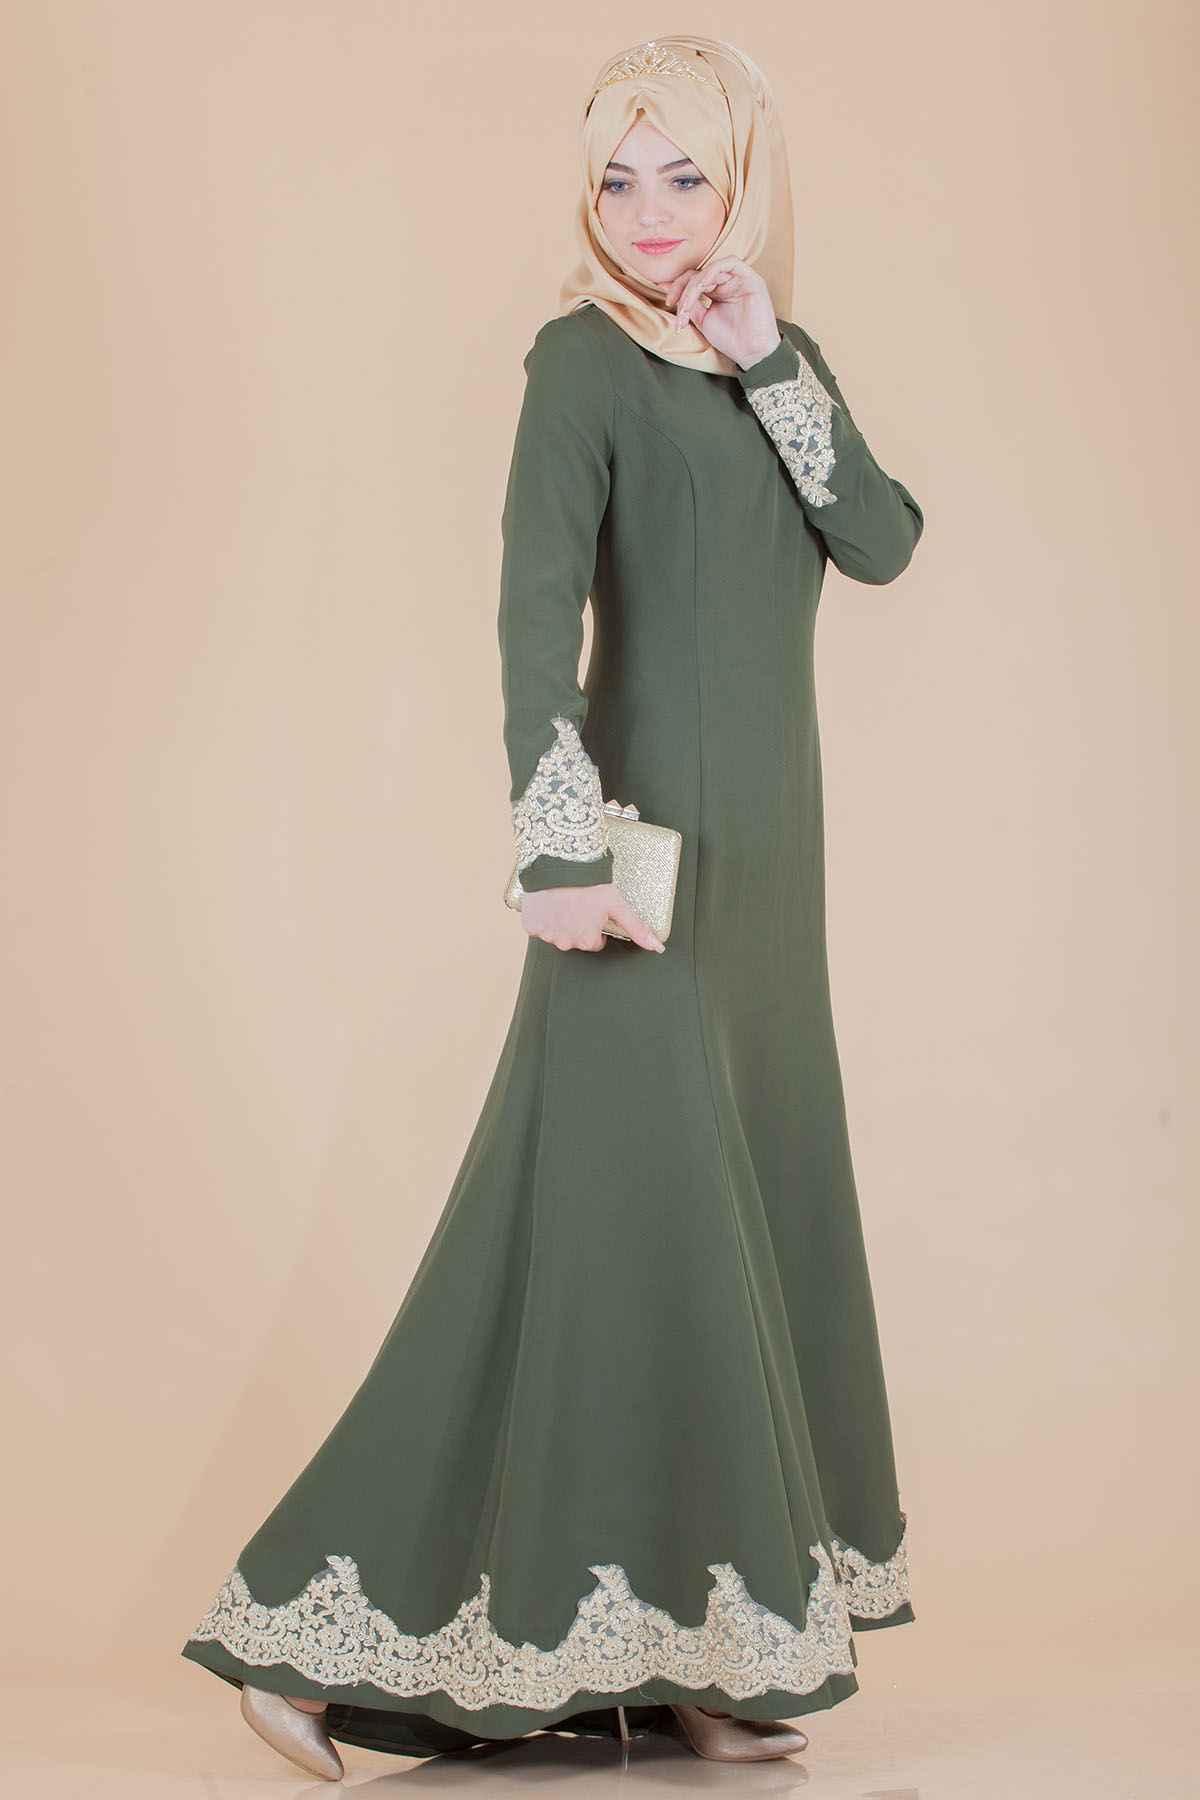 Ucu Dantelli Tesettür Kuyruklu Elbise Modelleri